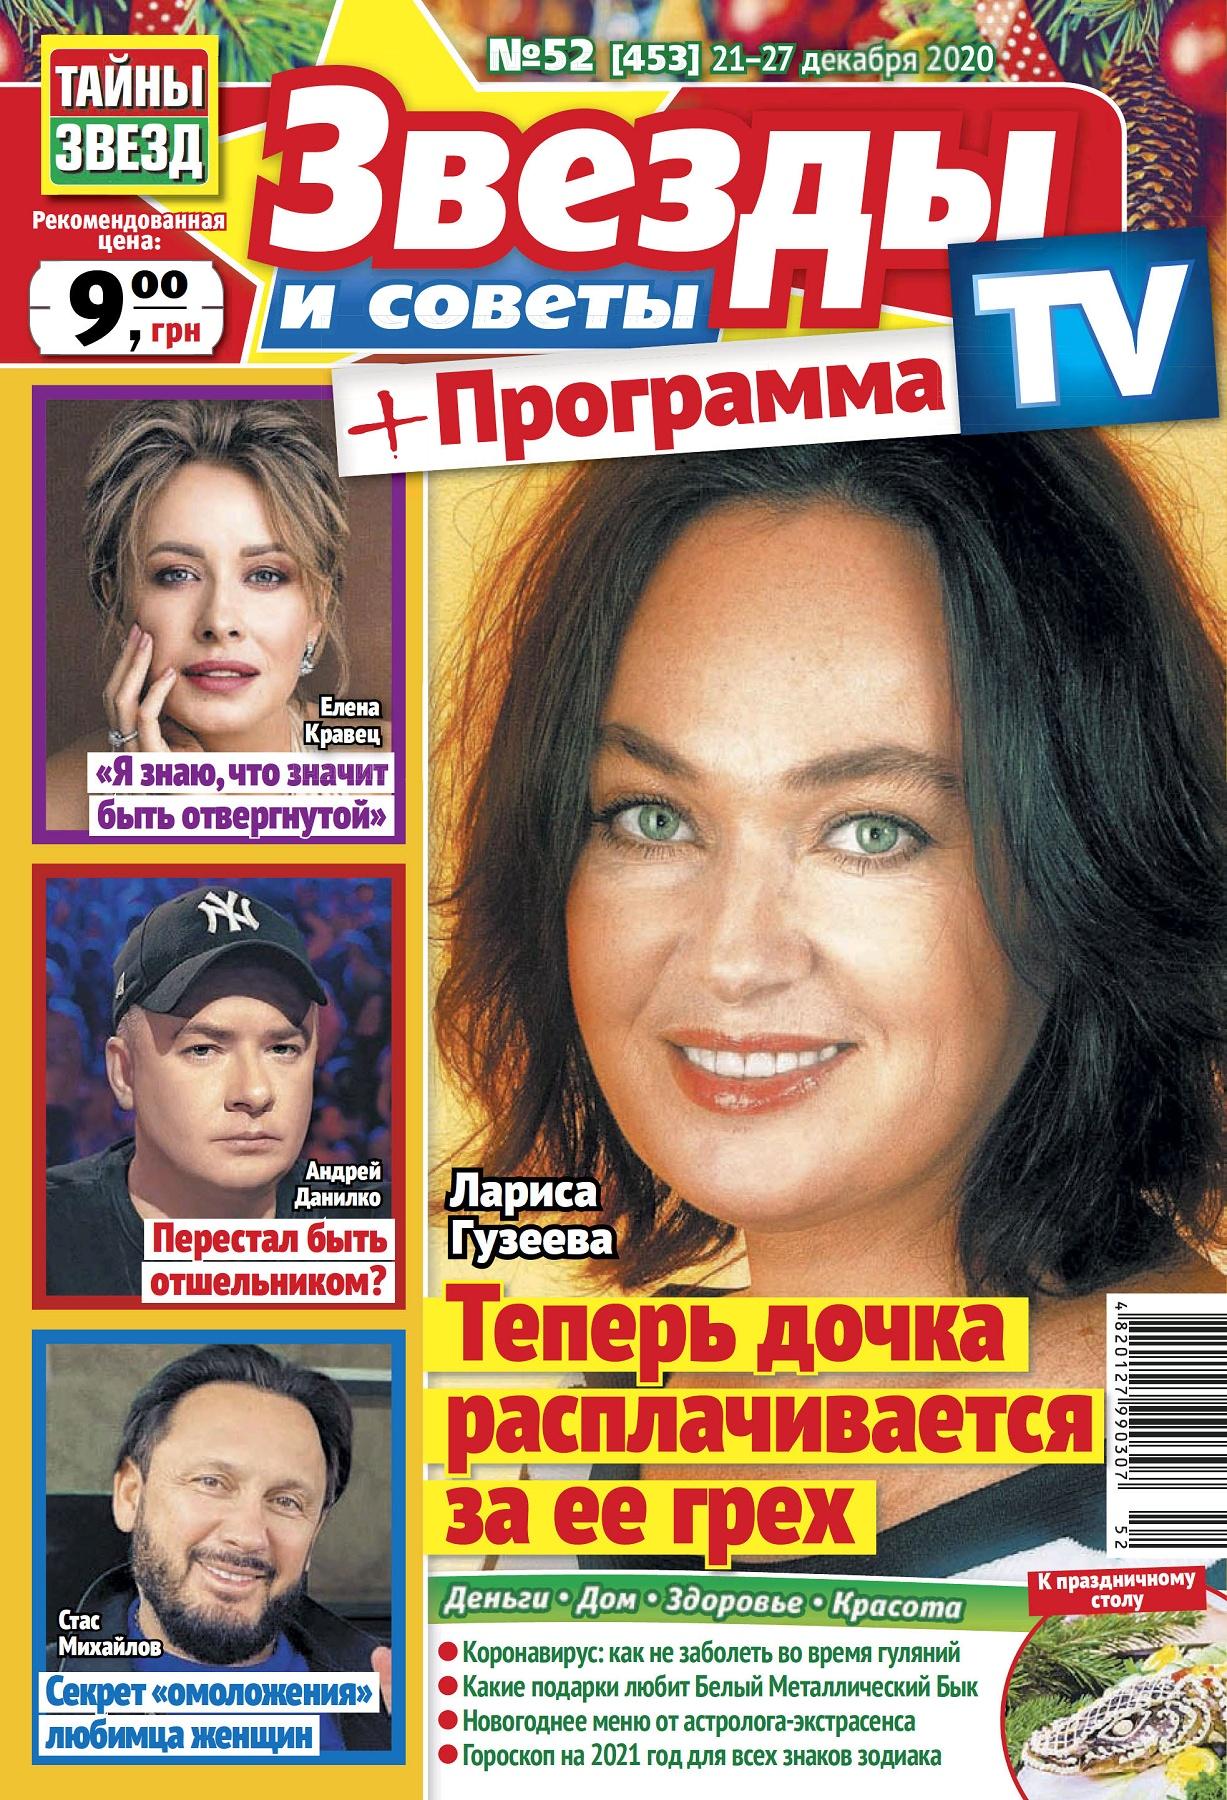 Звезды и советы. Украина №52, декабрь 2020